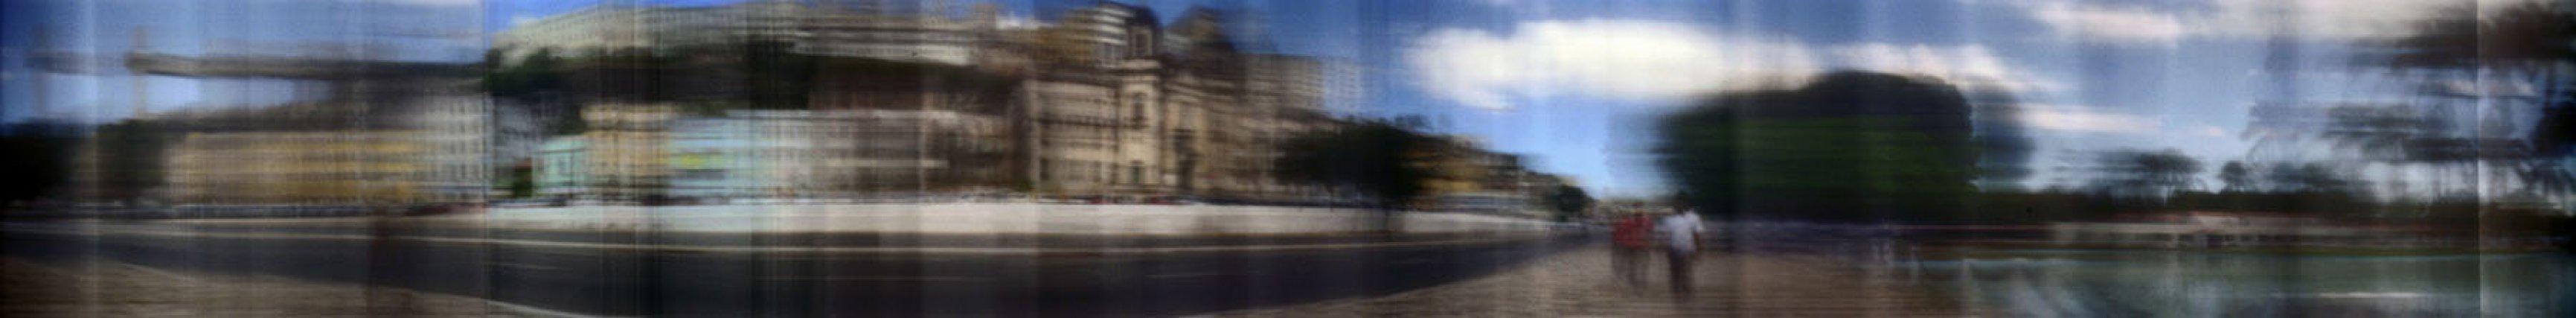 série Extremo Horizonte, photographie sténopéique, 2013